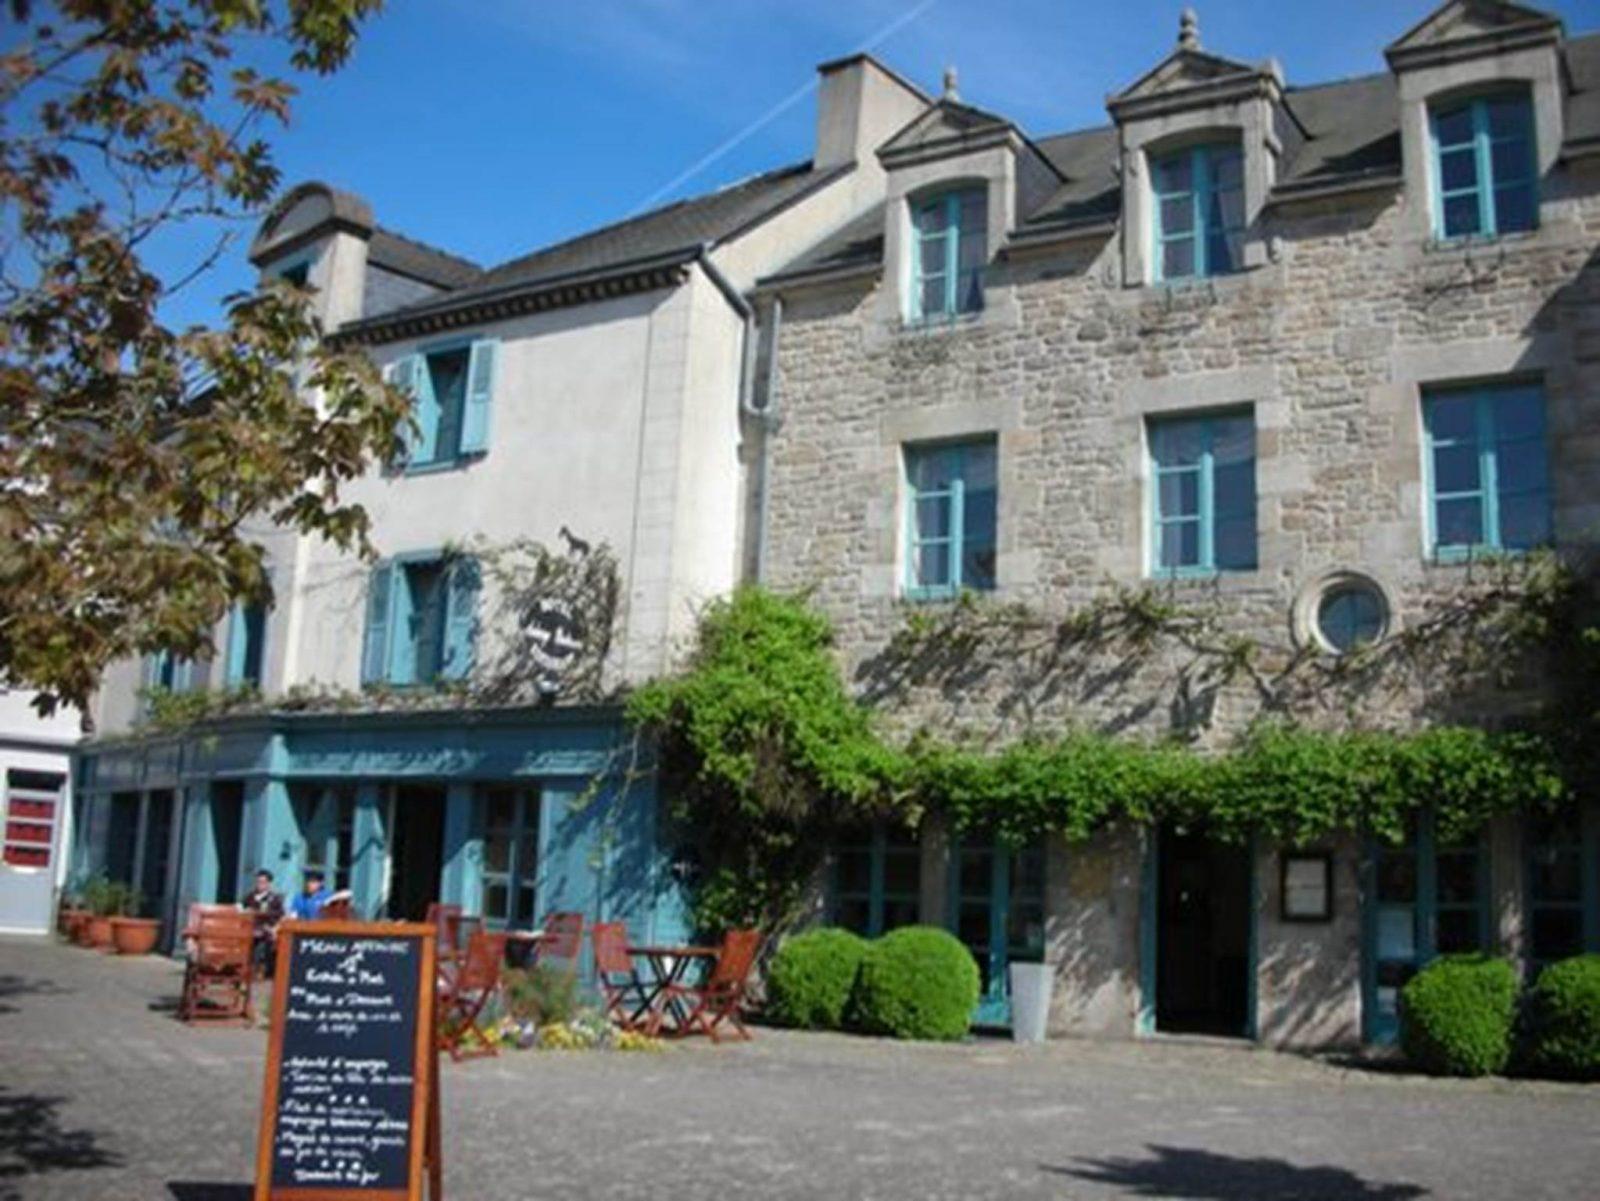 L'Auberge Bretonne – Façade